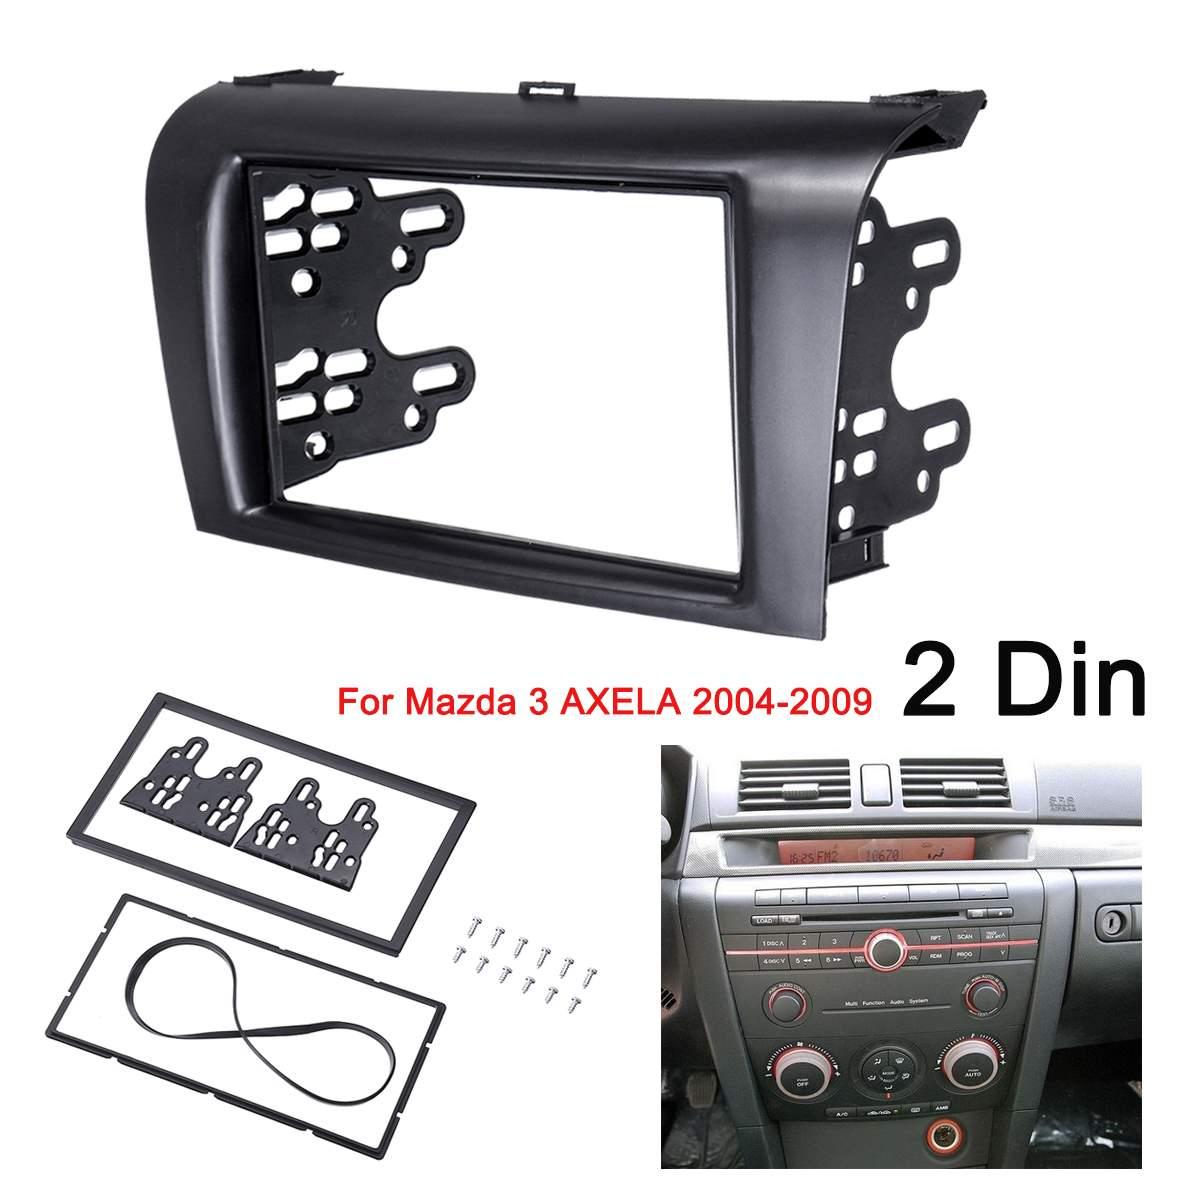 2DIN Auto Stereo Radio DVD Fascia Blenden Dash Panel Platte Trim Kit Rahmen Abdeckung Für Mazda 3 AXELA 2004 2005 2006 2007 2008 2009